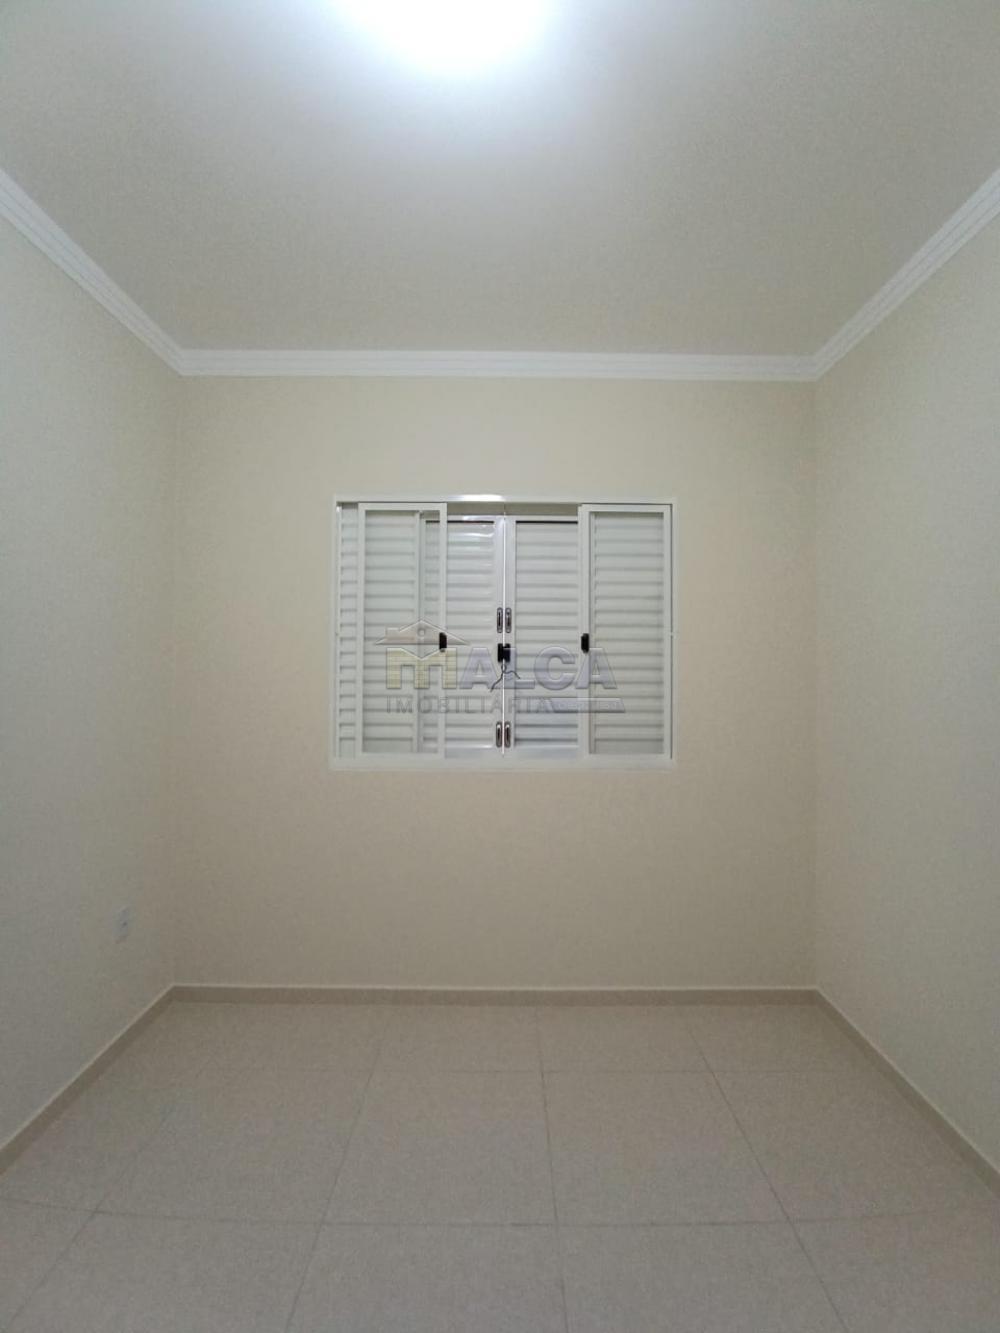 Alugar Casas / Padrão em São José do Rio Pardo apenas R$ 1.800,00 - Foto 13